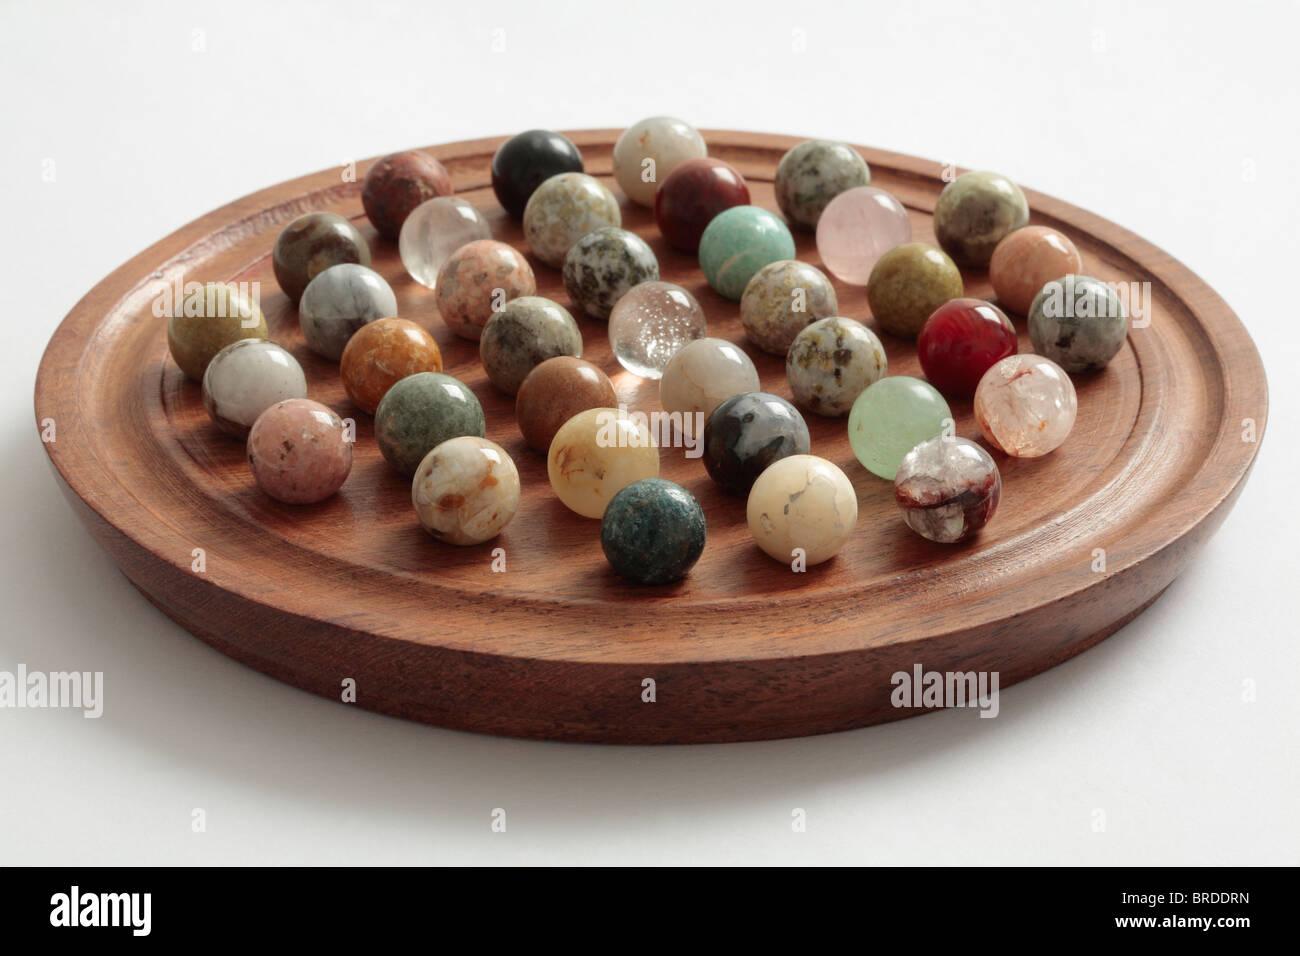 Solitaire Board with Semi-Precious Stone Balls. - Stock Image